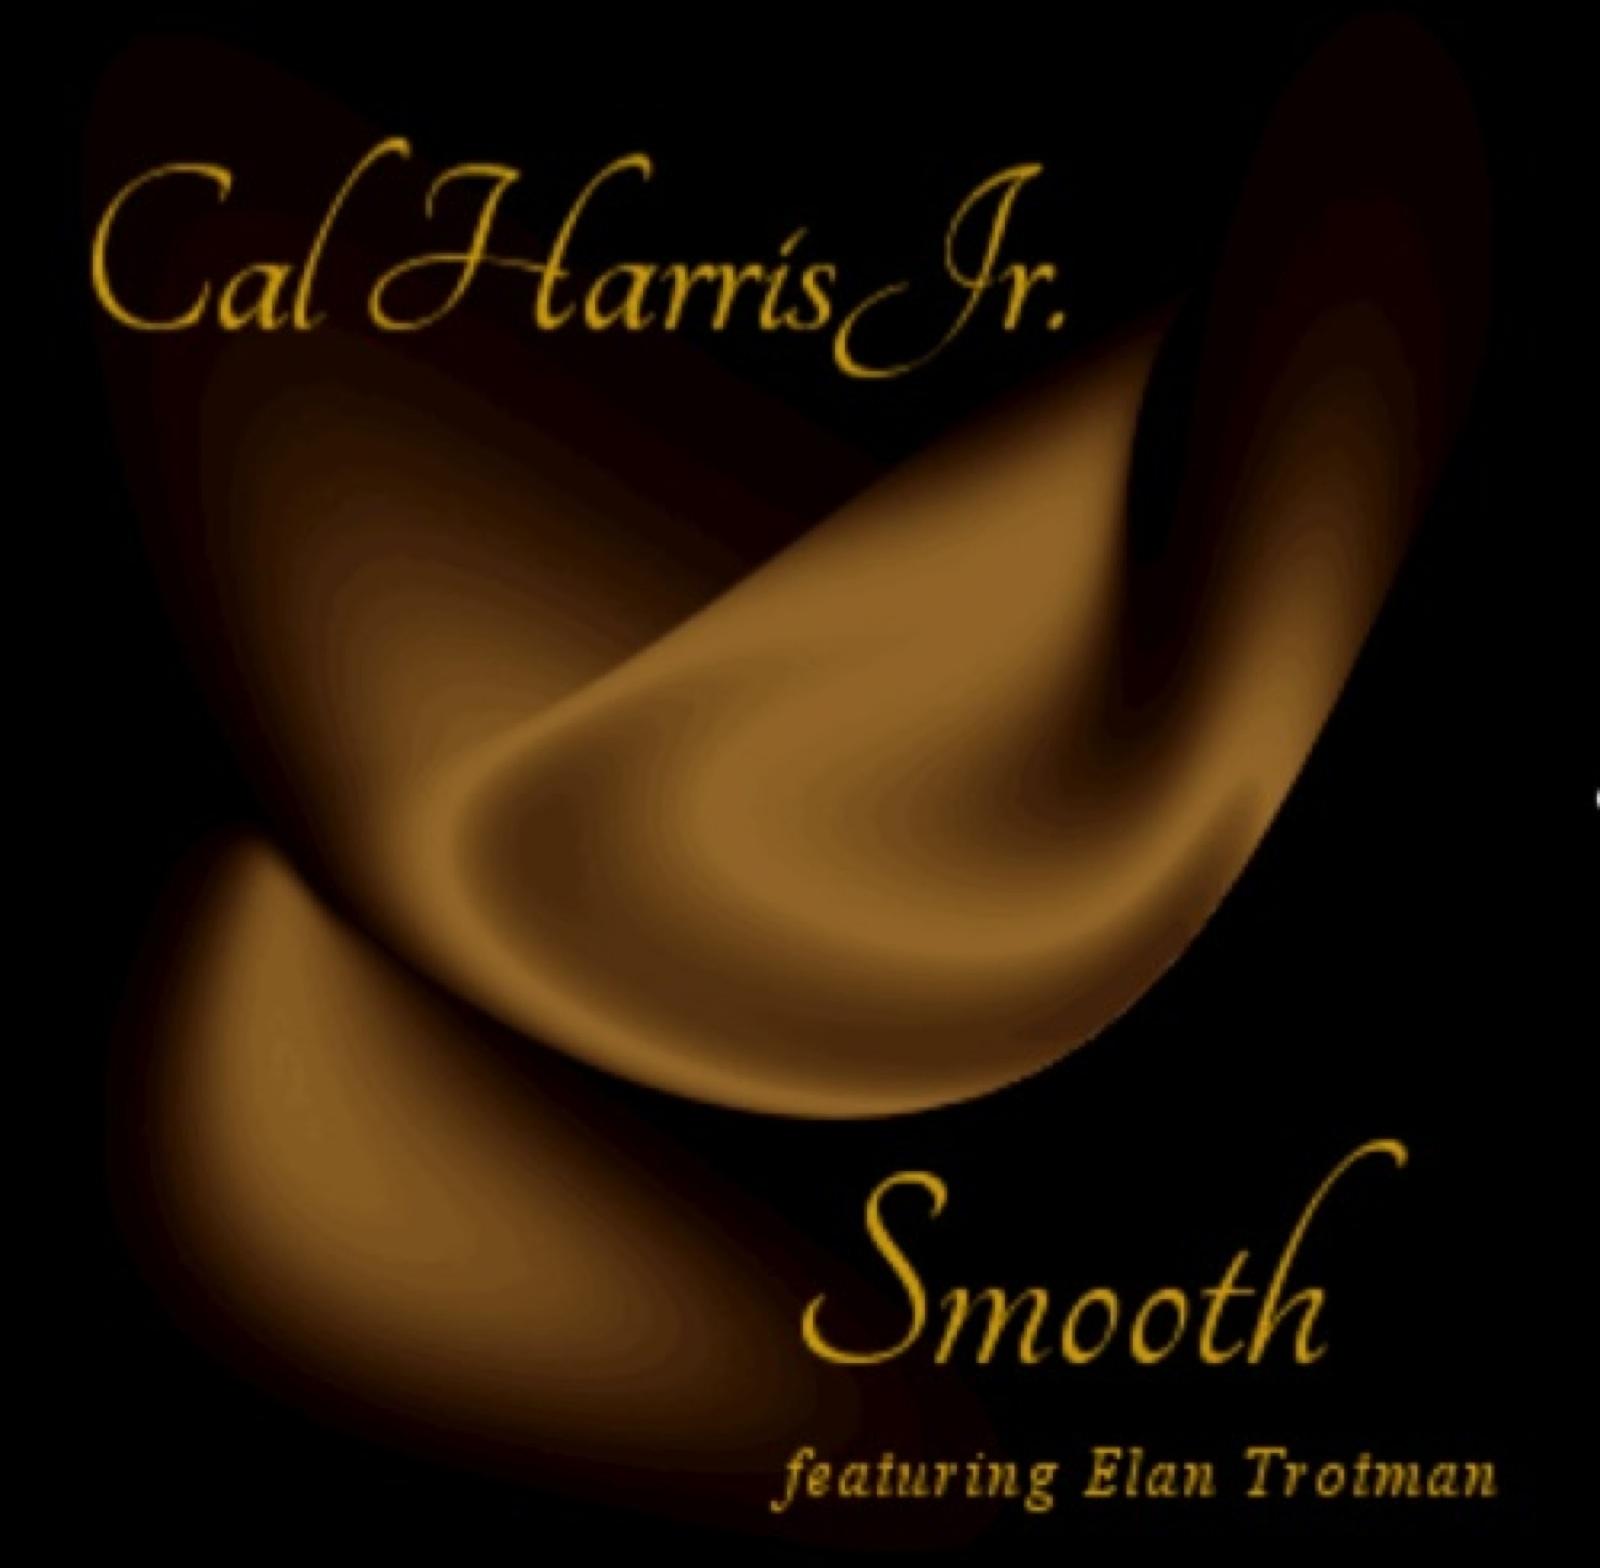 Smooth feat. Elan Trotman